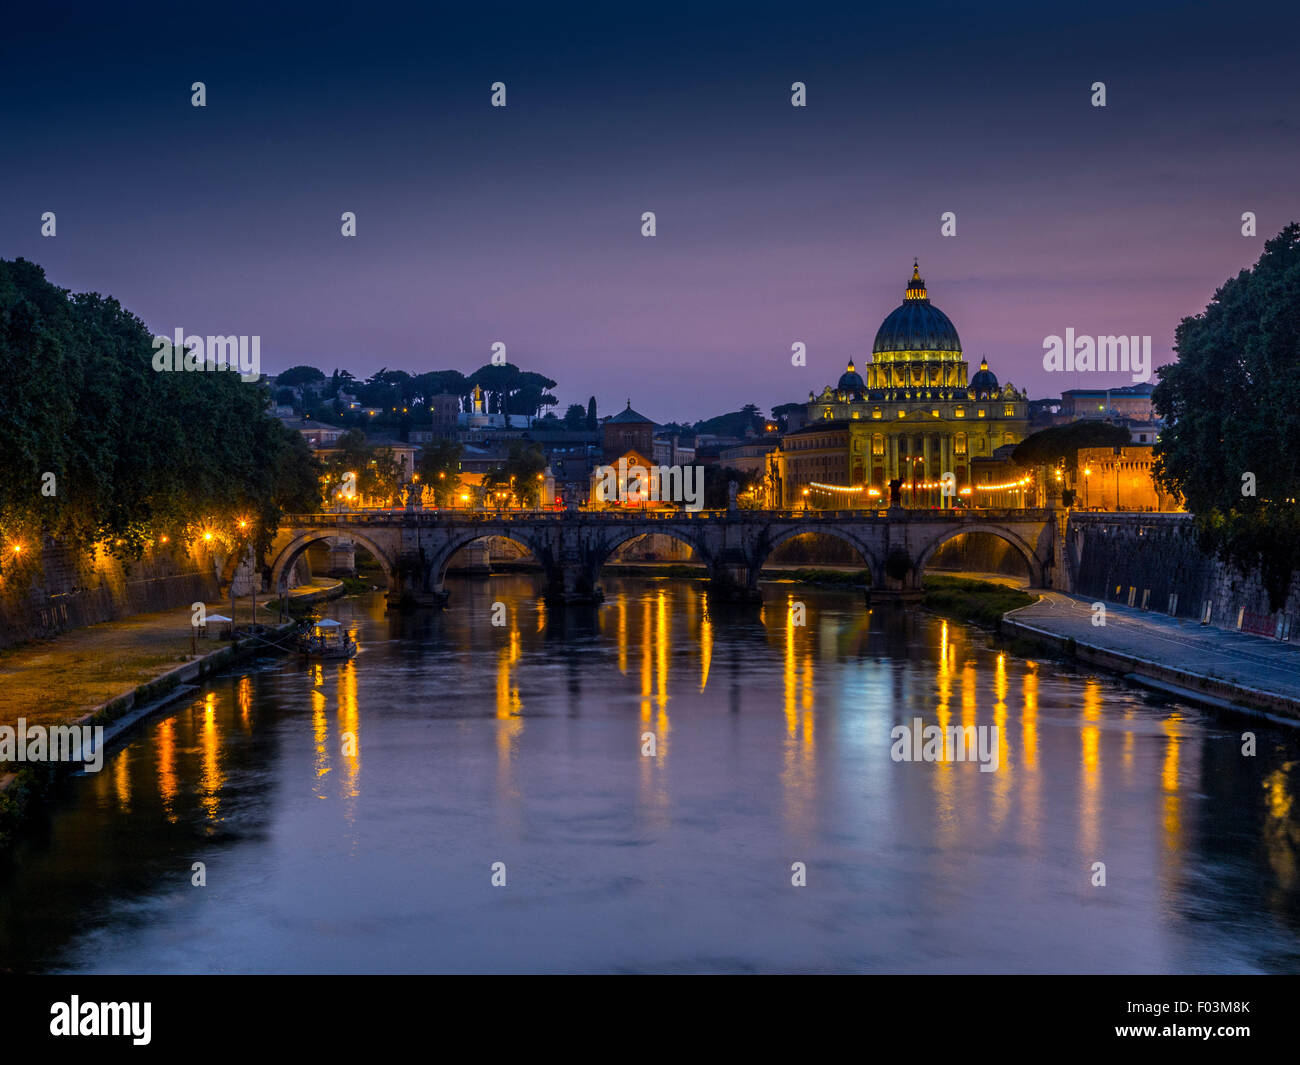 La Basílica de San Pedro. En la noche de la Ciudad del Vaticano, en Roma. Italia. Imagen De Stock